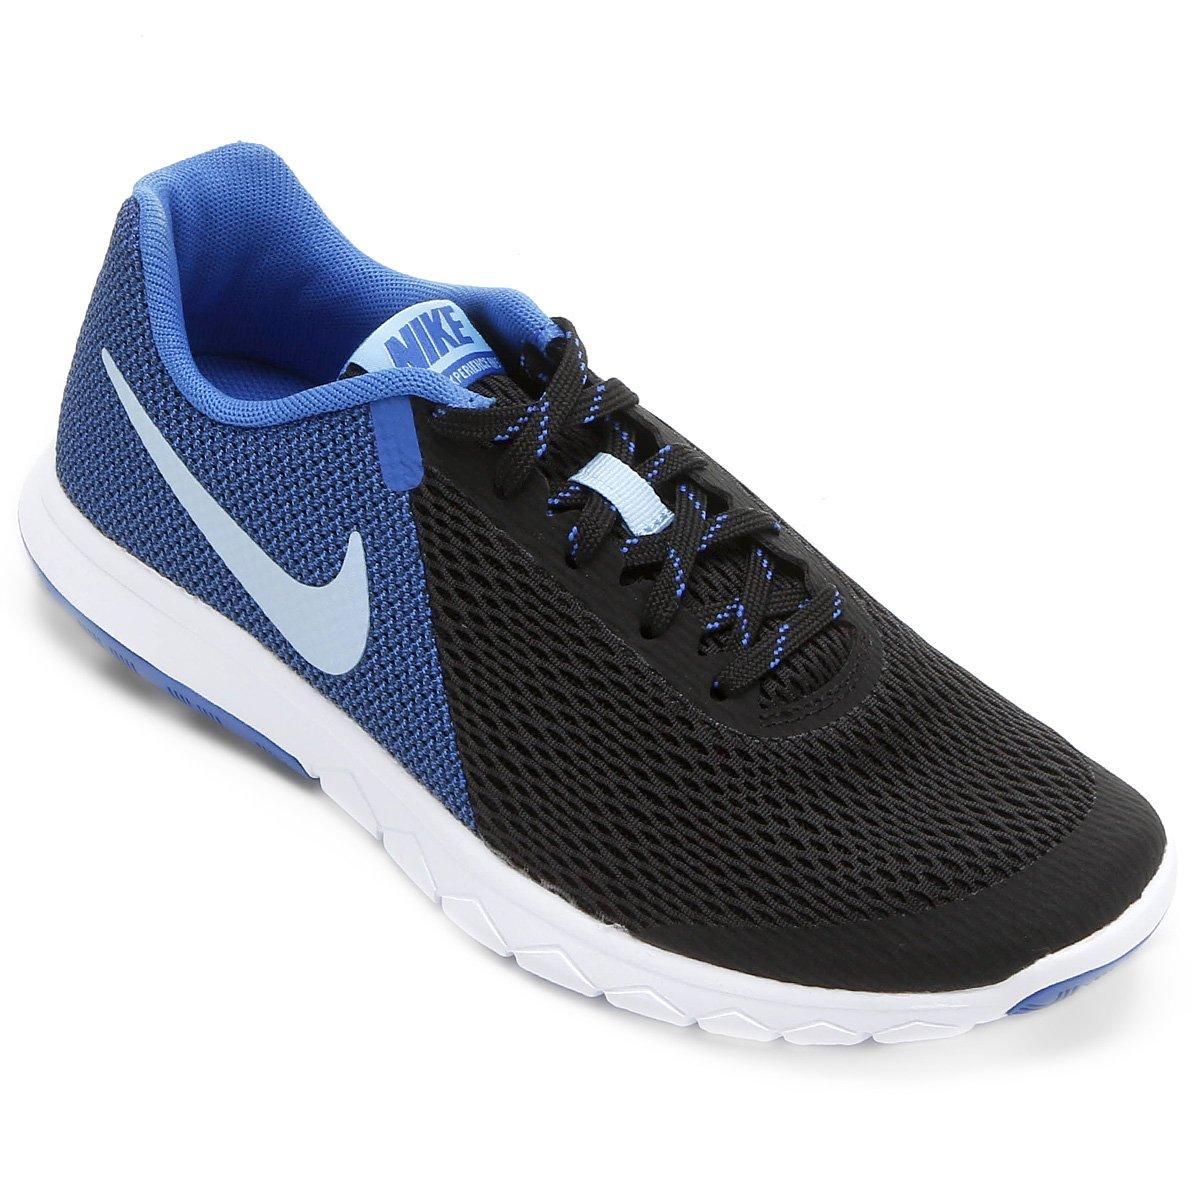 171601f72e0 Tênis Nike Flex Experience Rn 5 Feminino - Compre Agora